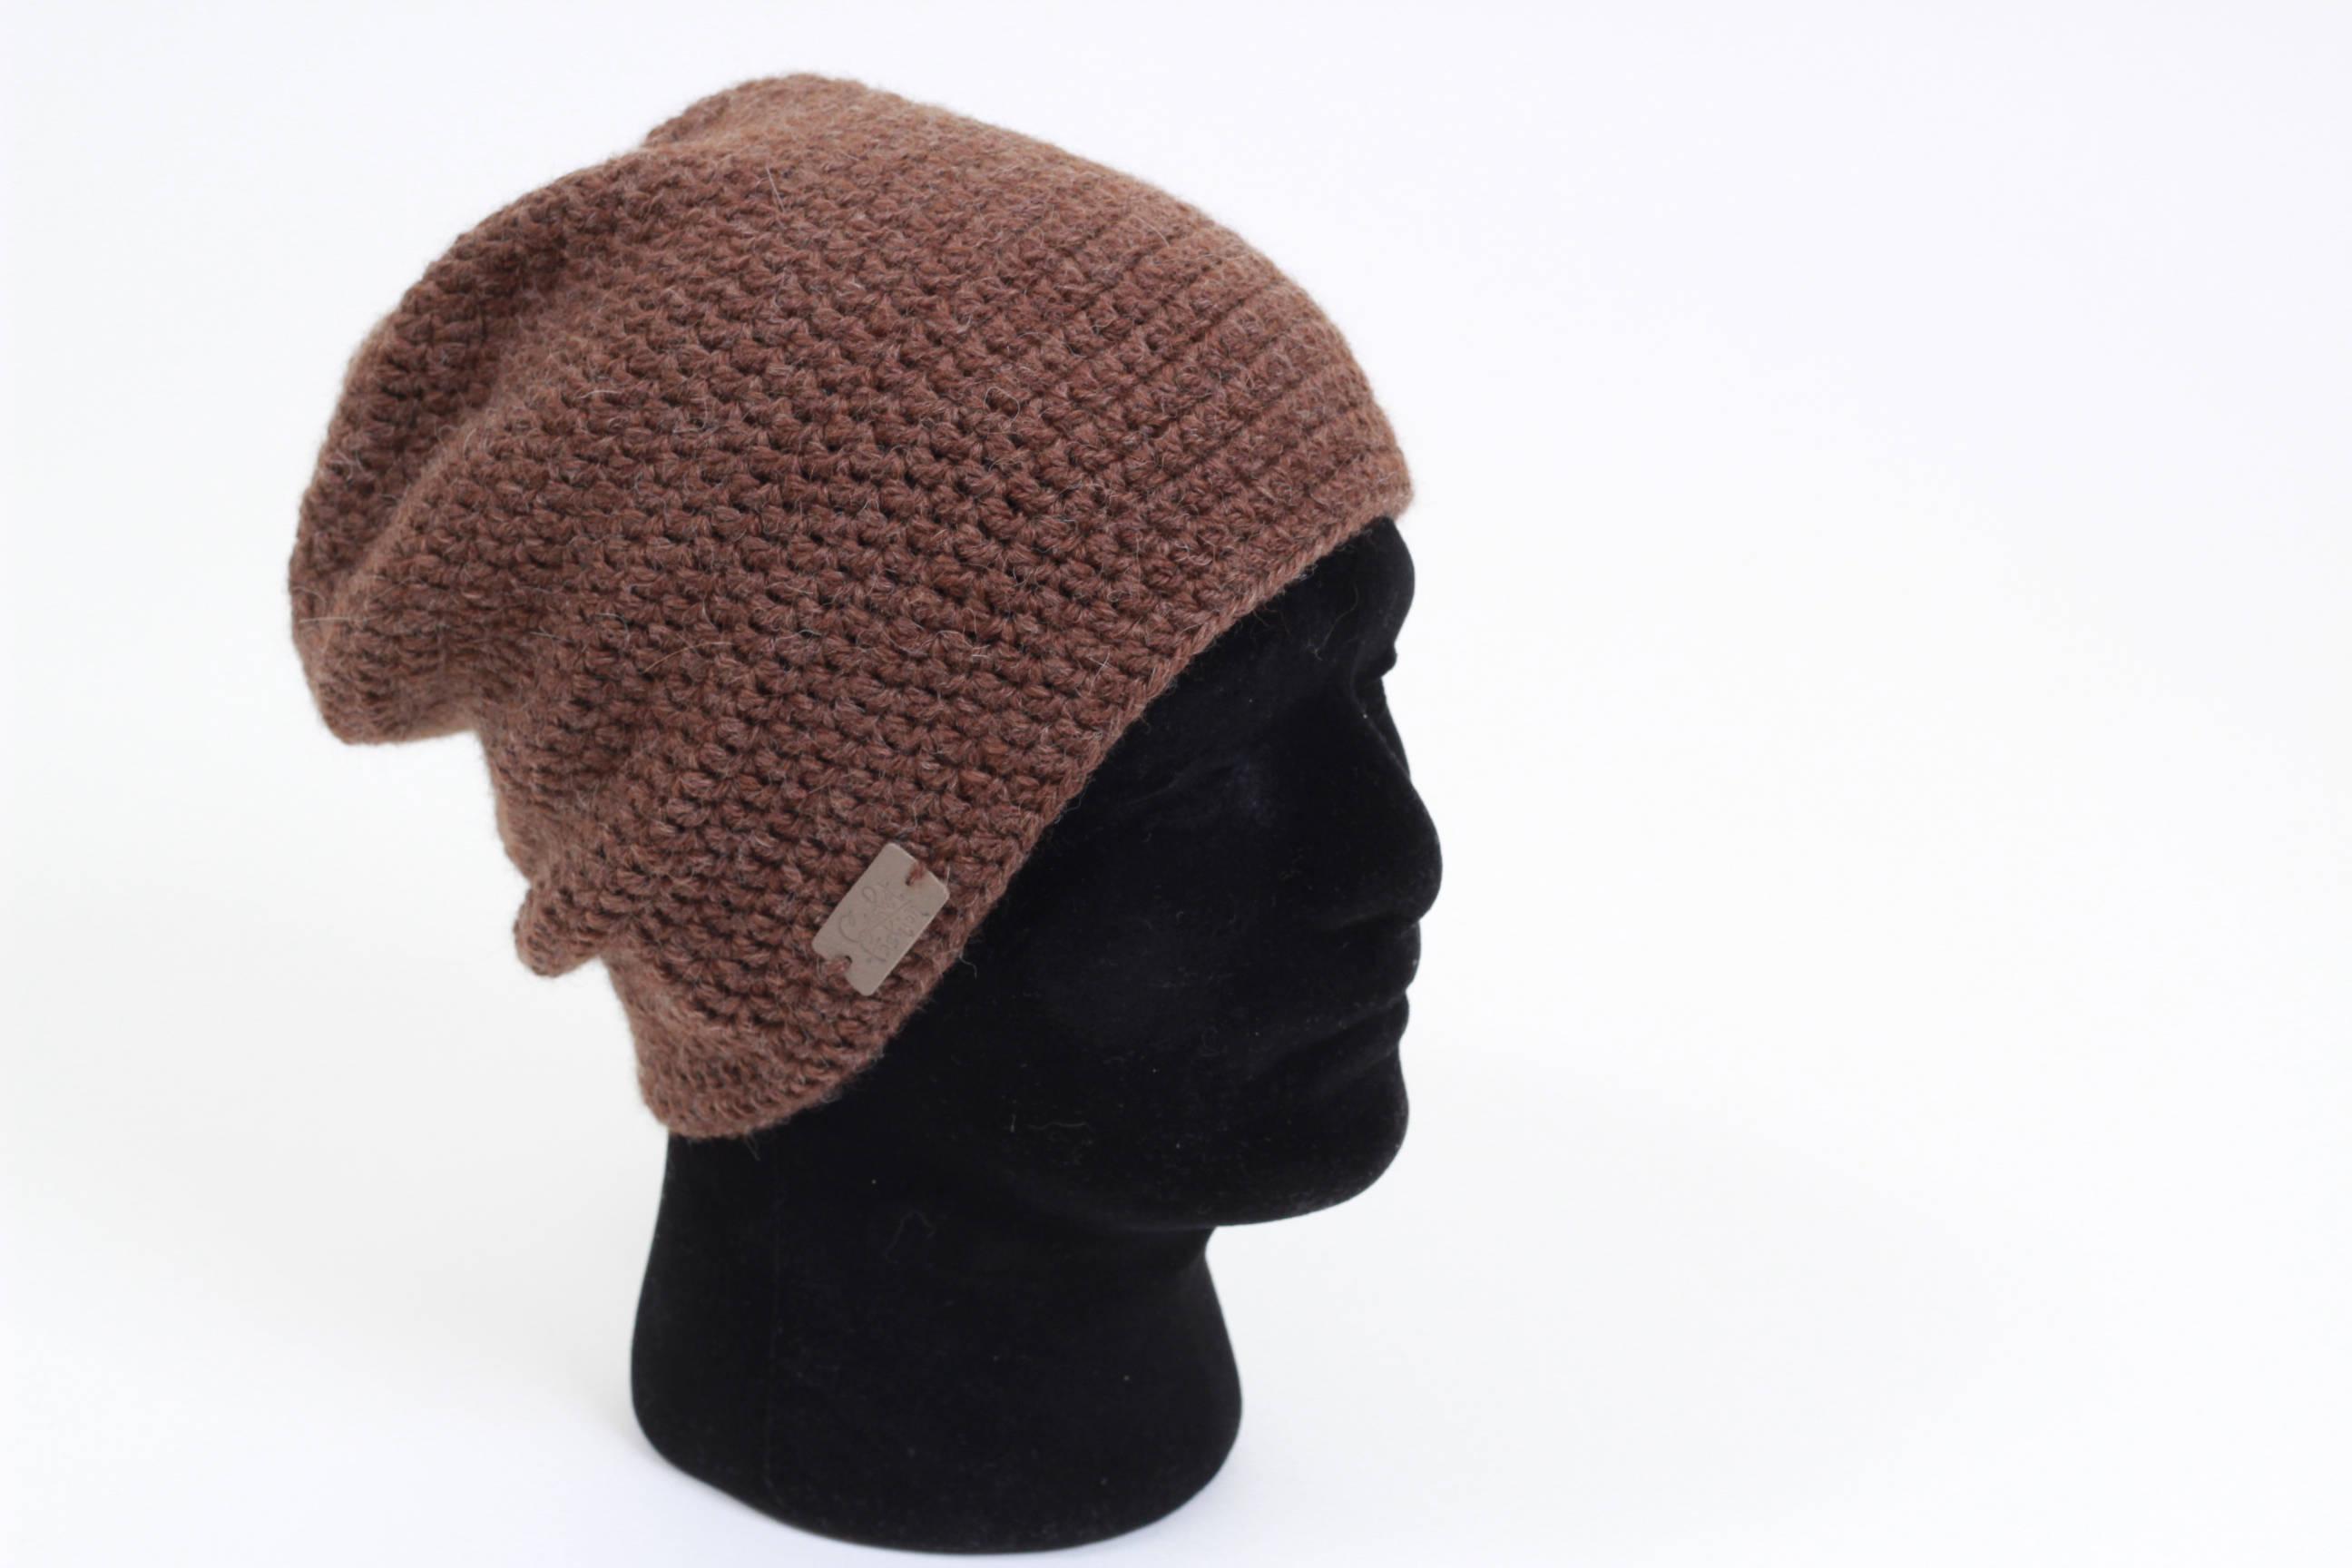 Crochet Beanies For Men Men Slouchy Beanie Crochet Beanie For Men Brown Hat For Men Etsy